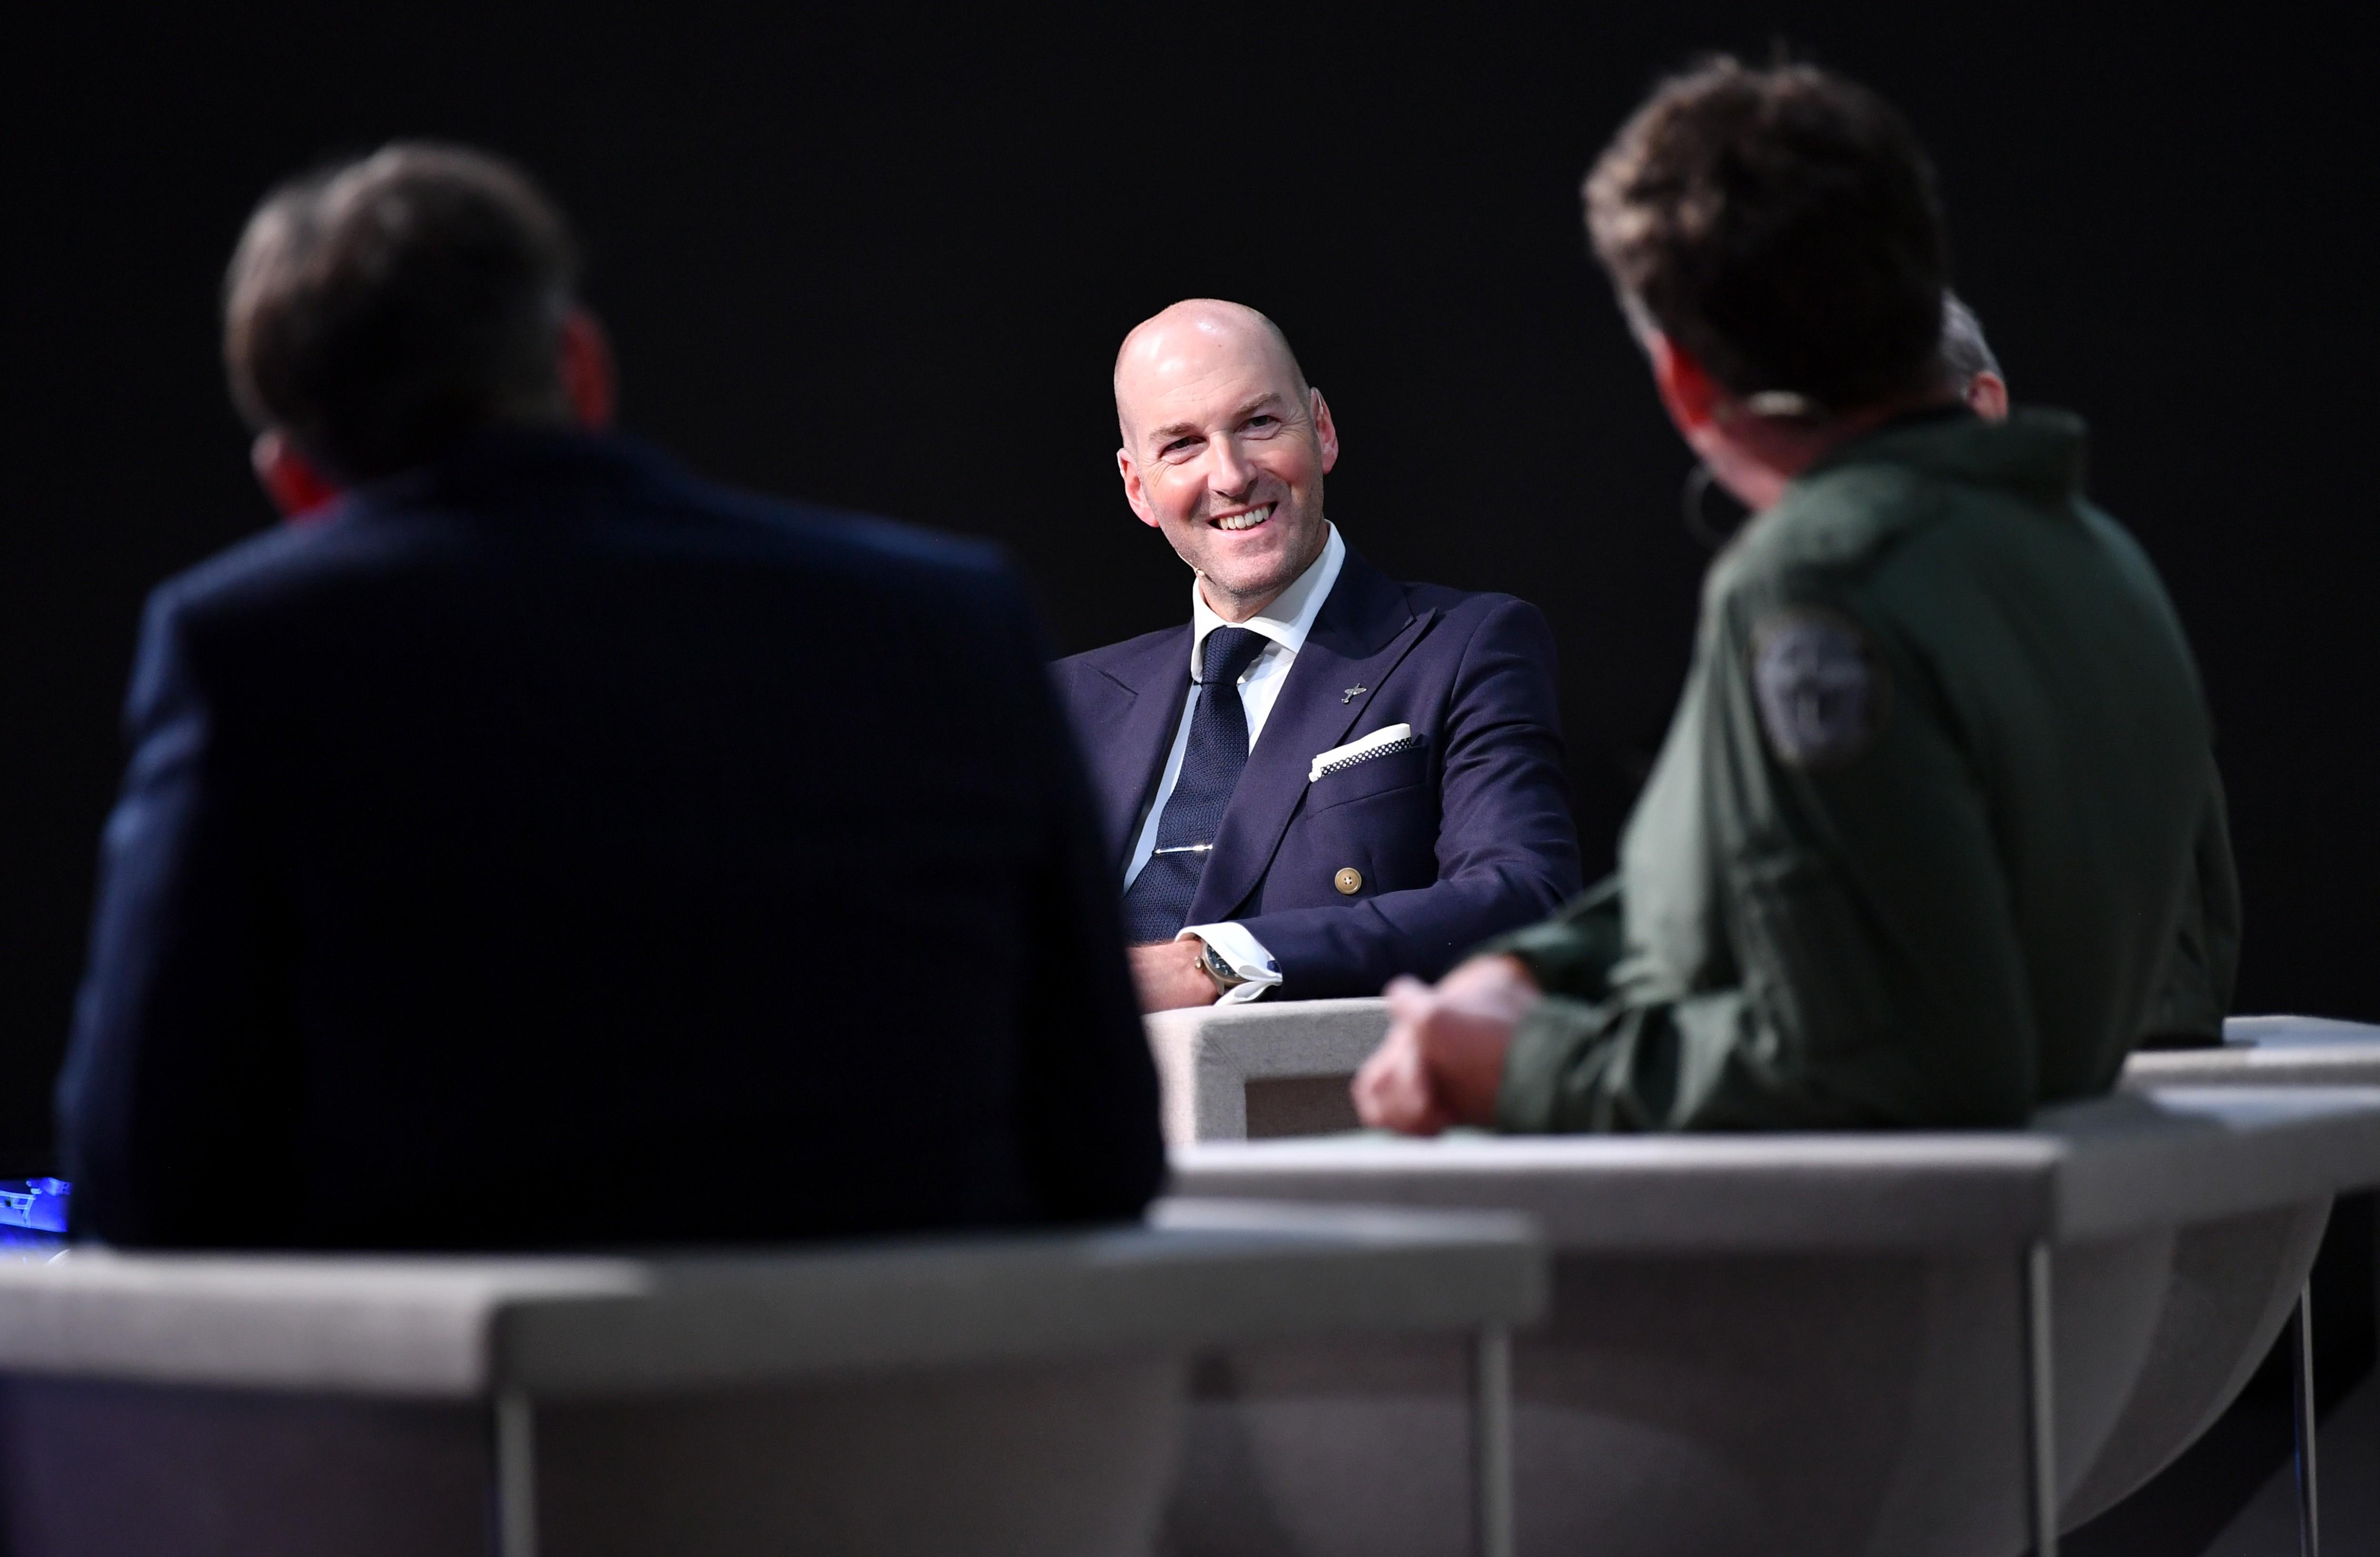 Christian Knoop, diretor criativo da IWC, fala durante o Salão Internacional de Alta Relojoaria, em Genebra (Foto: Getty Images / Harold Cunningham)